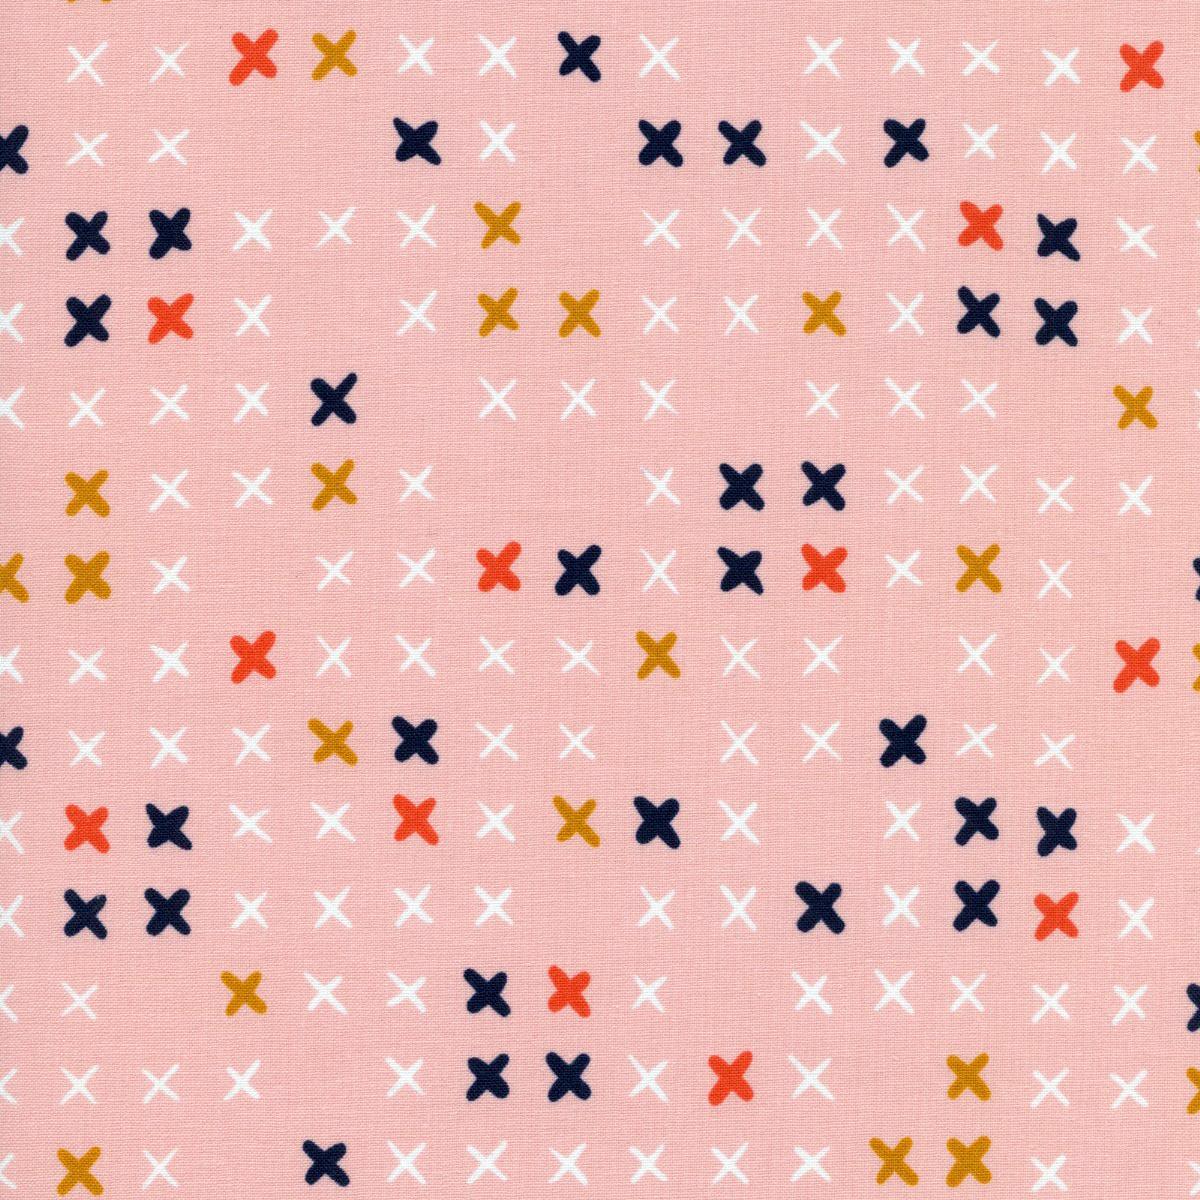 3022-1.Kim.Lucky.Strikes.Strikes.Pink